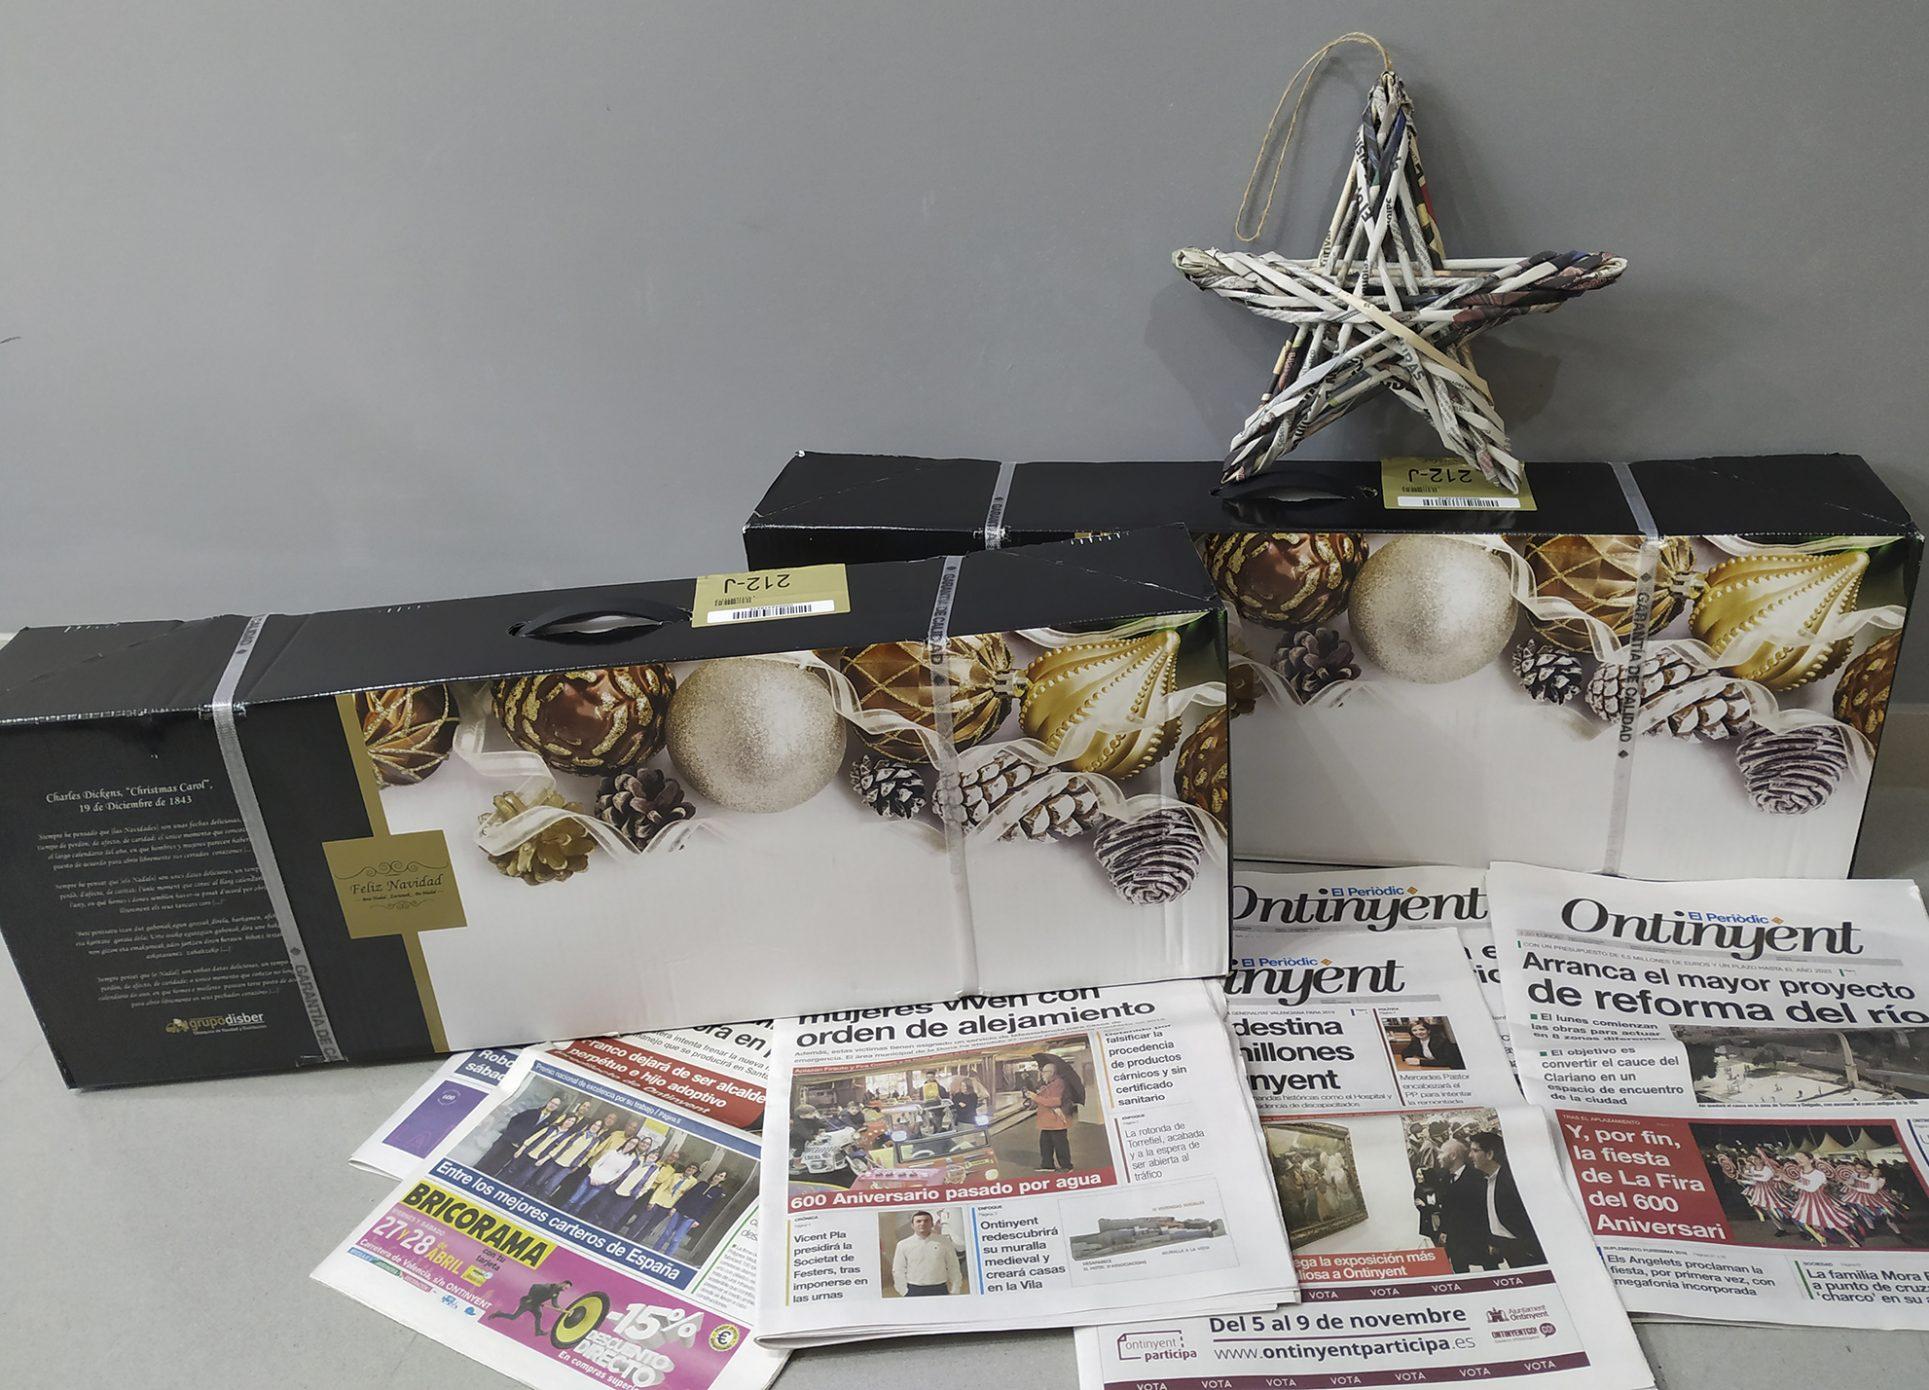 Eres lector d'El Periòdic d'Ontinyent? Pots guanyar una cistella nadalenca El Periòdic d'Ontinyent